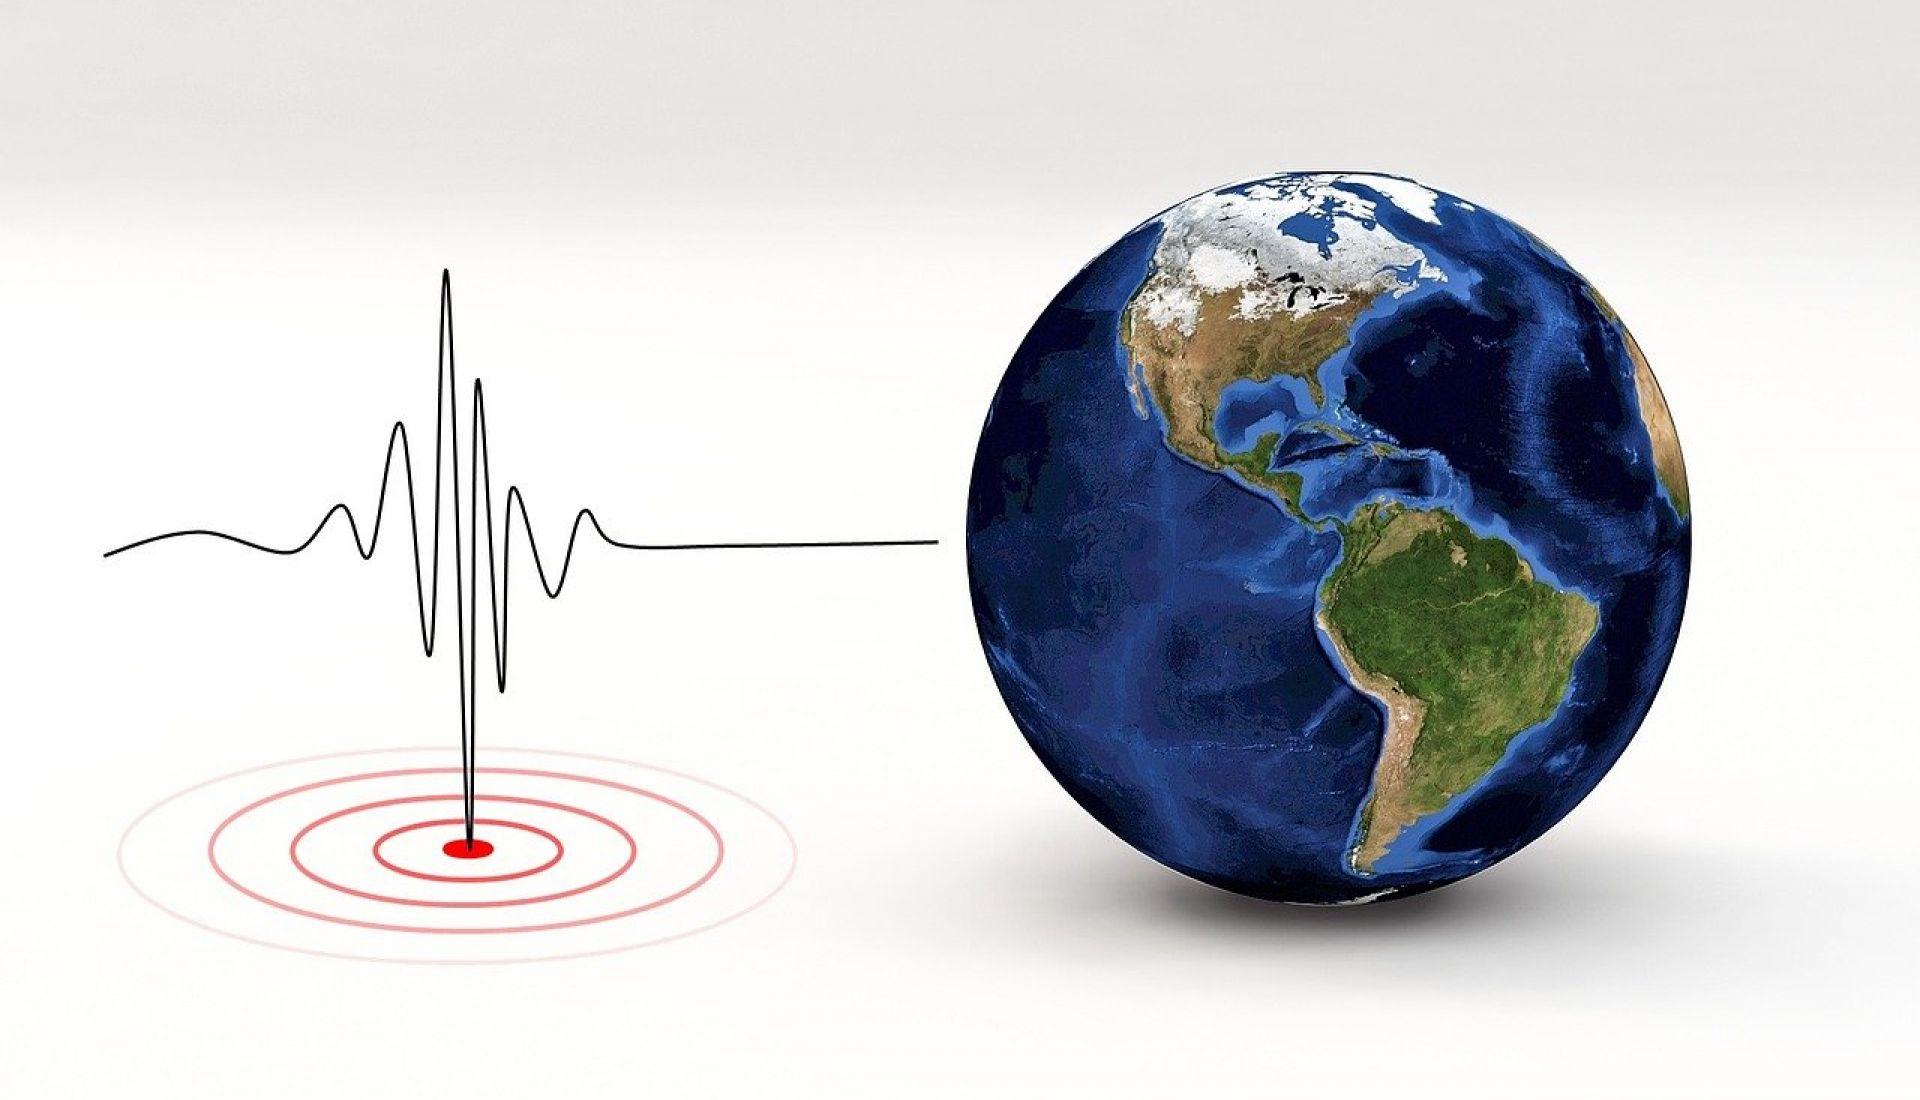 L'évaluation du risque sismique en France métropolitaine après le tremblement de terre du Teil